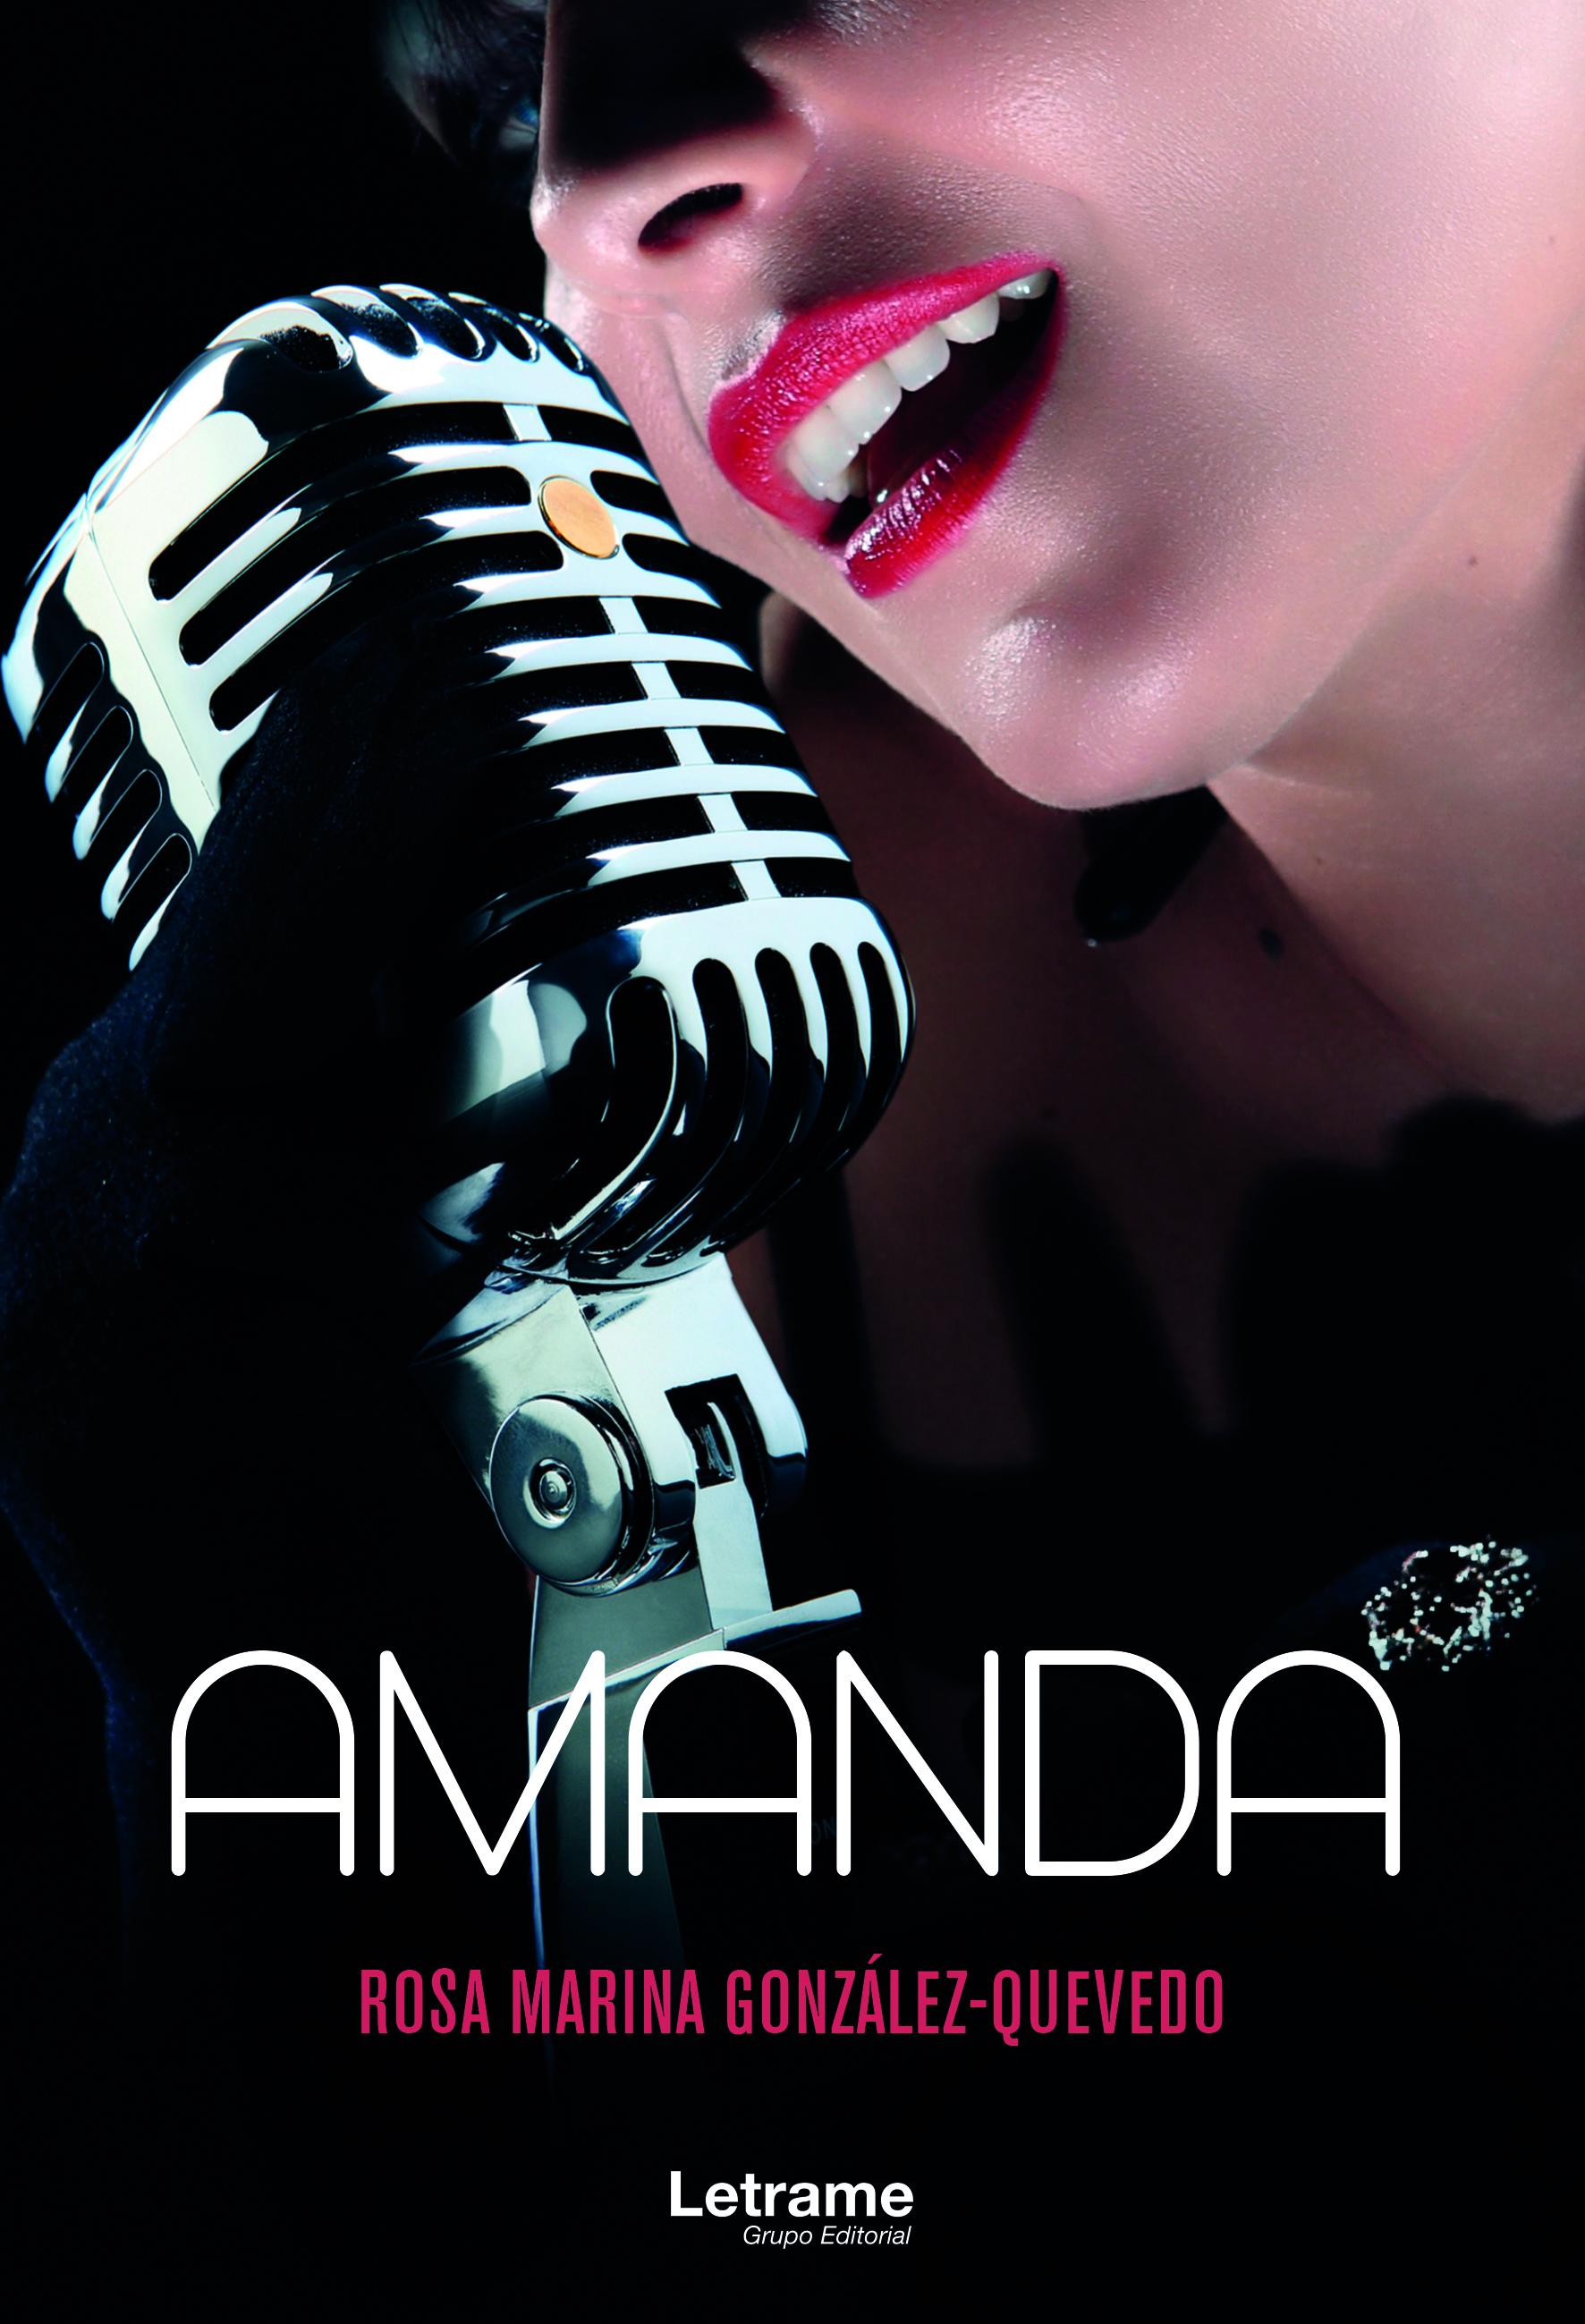 AMANDA by Rosa Marina González-Quevedo